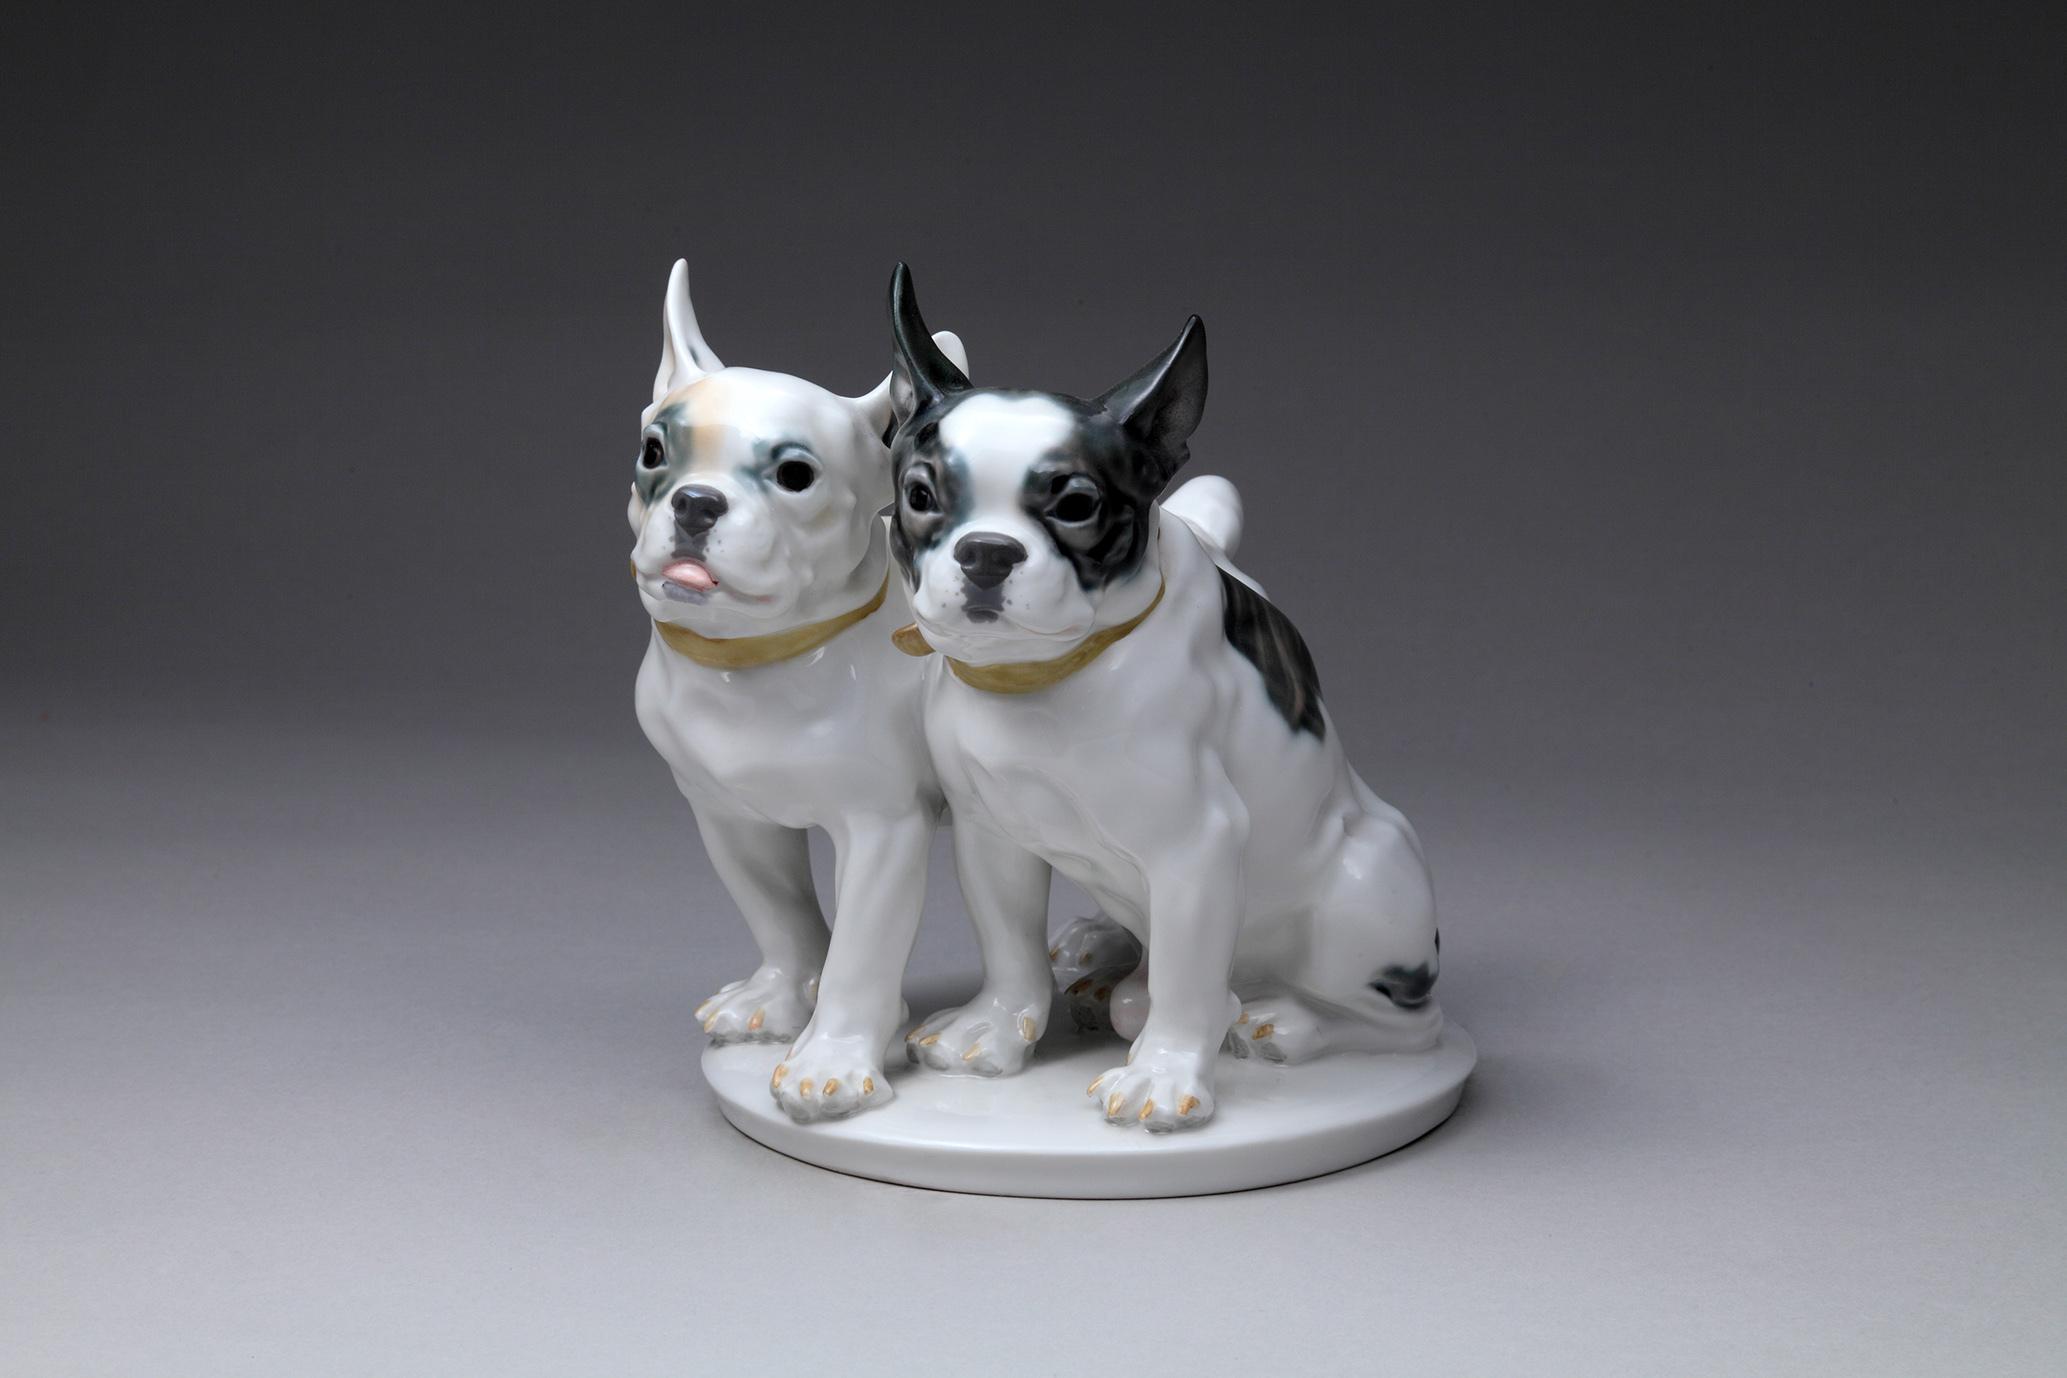 《二匹のフレンチブルドッグ》 エーリッヒ・オスカー・ヘーゼル 1924~1934年頃 J's collection